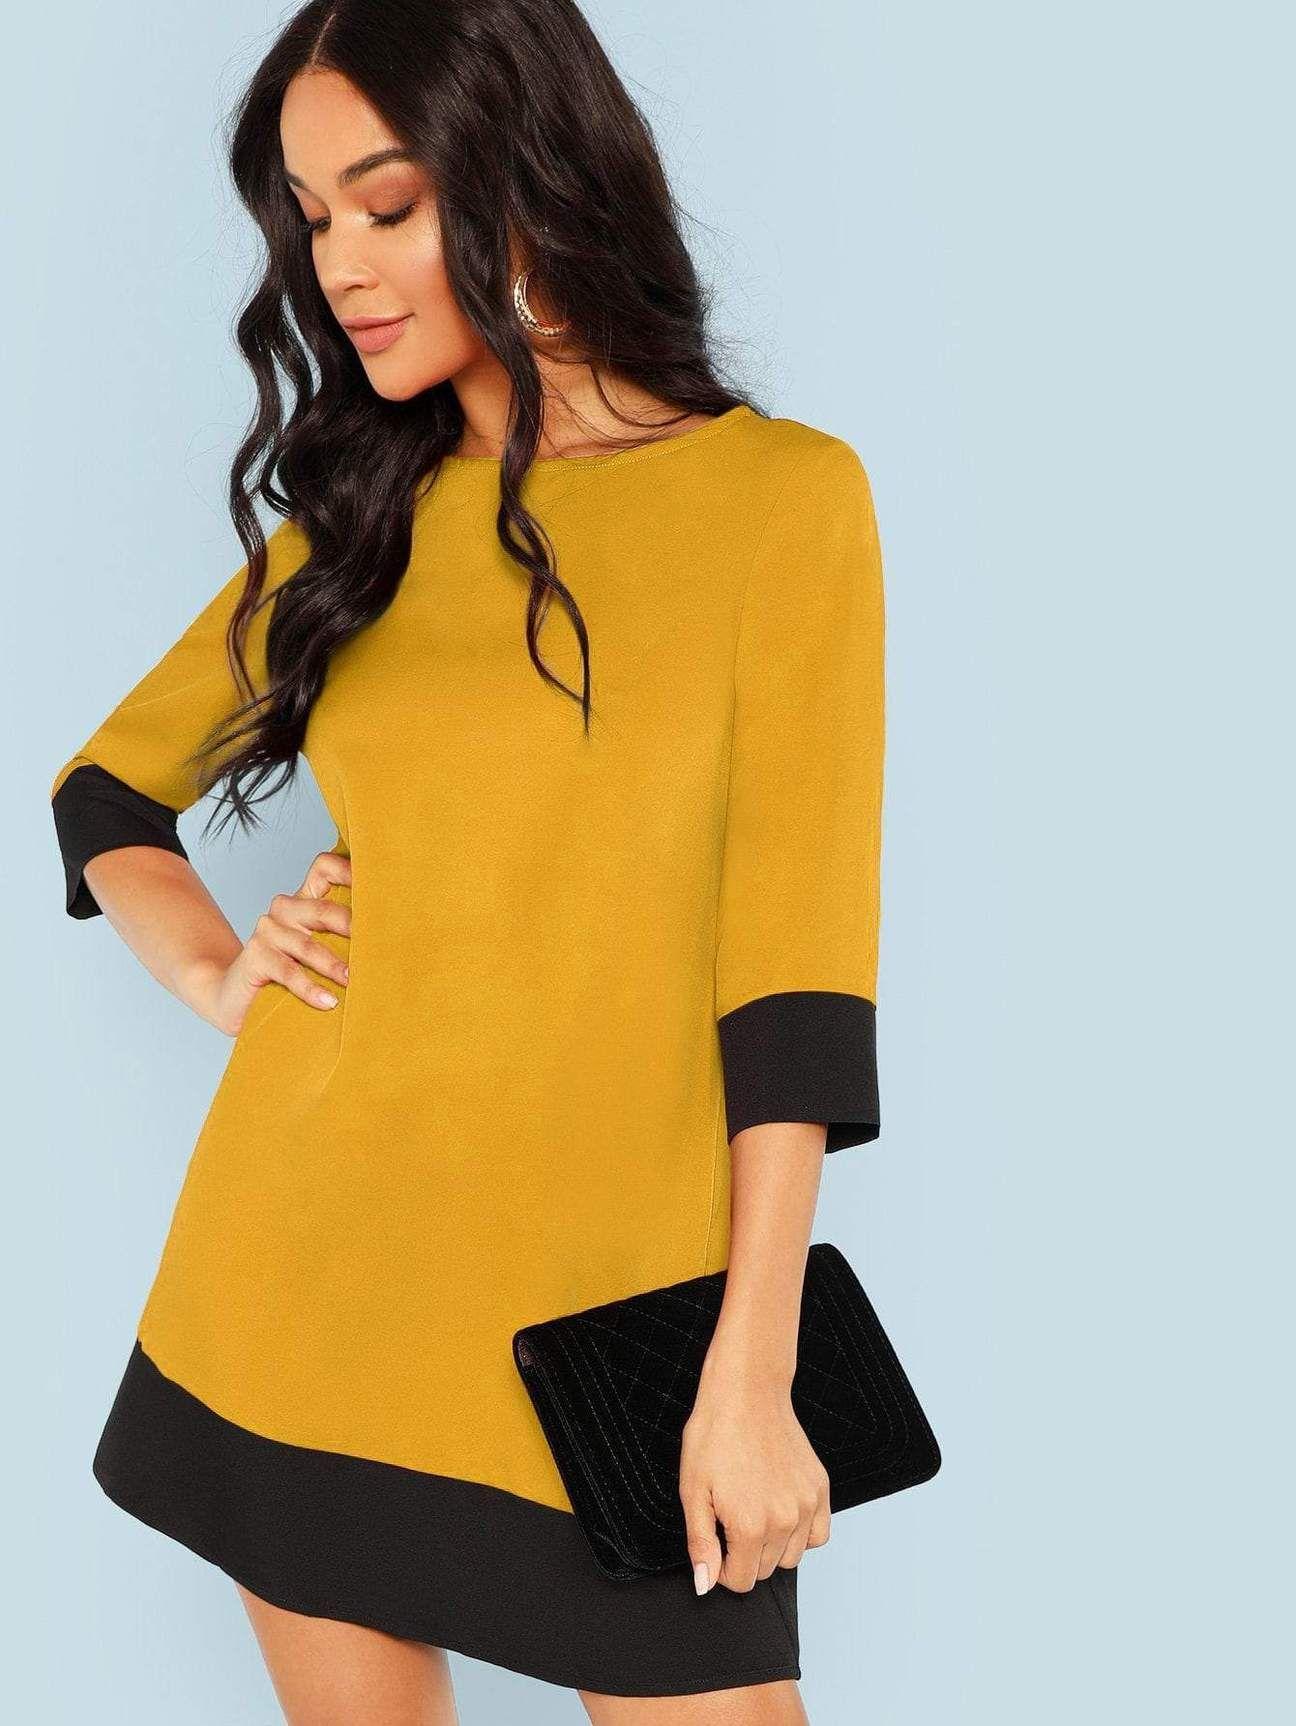 Compra Ropa Para Mujer En Tallas Grandes Y Regulares Vendemos Tal Por Mayor Con Los Mejores Precios Del Mercado Vestidos Blu Ropa De Moda Ropa Ropa Elegante